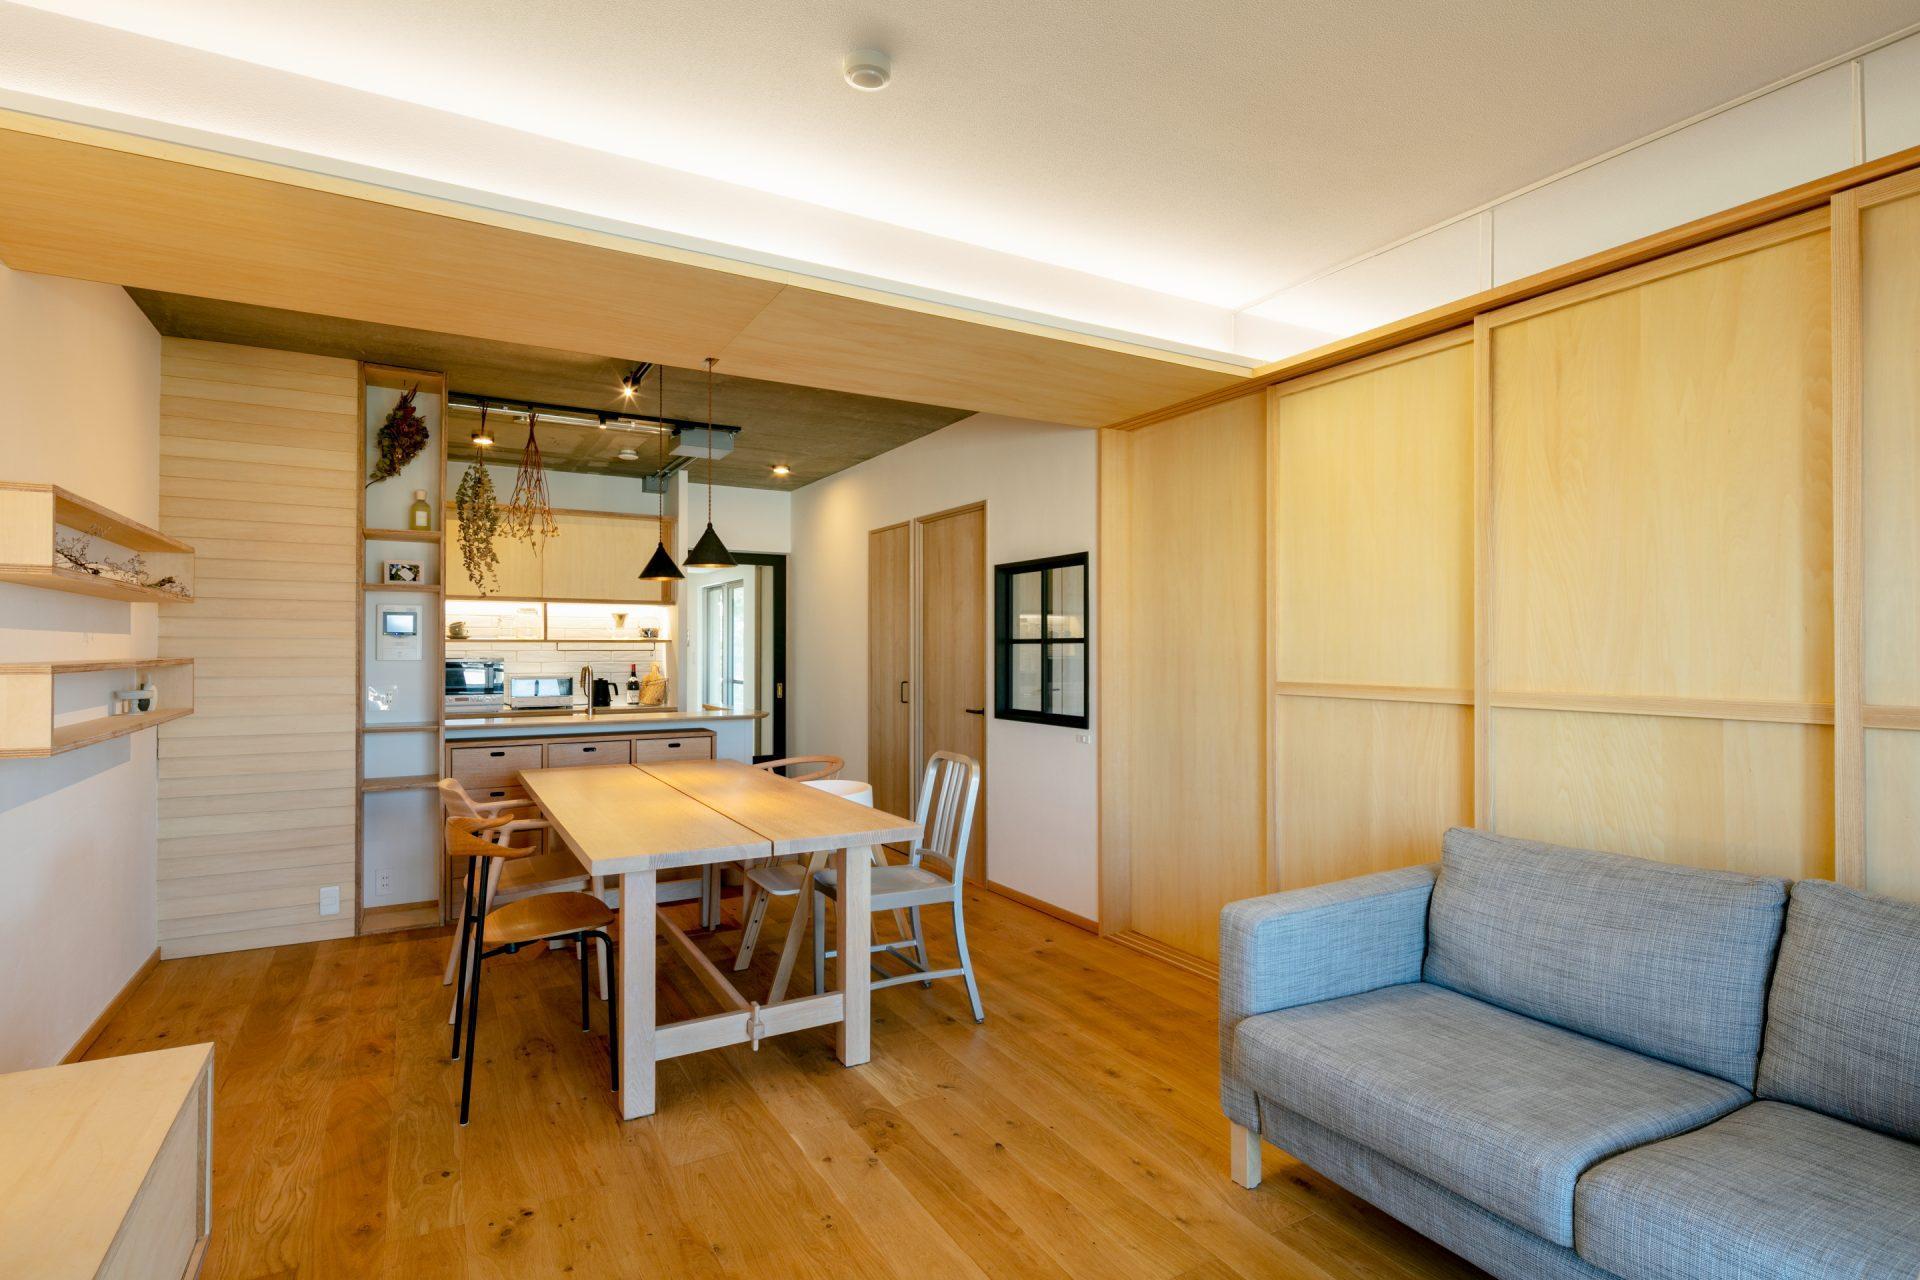 引込戸を閉めて和室と空間を分けることも可